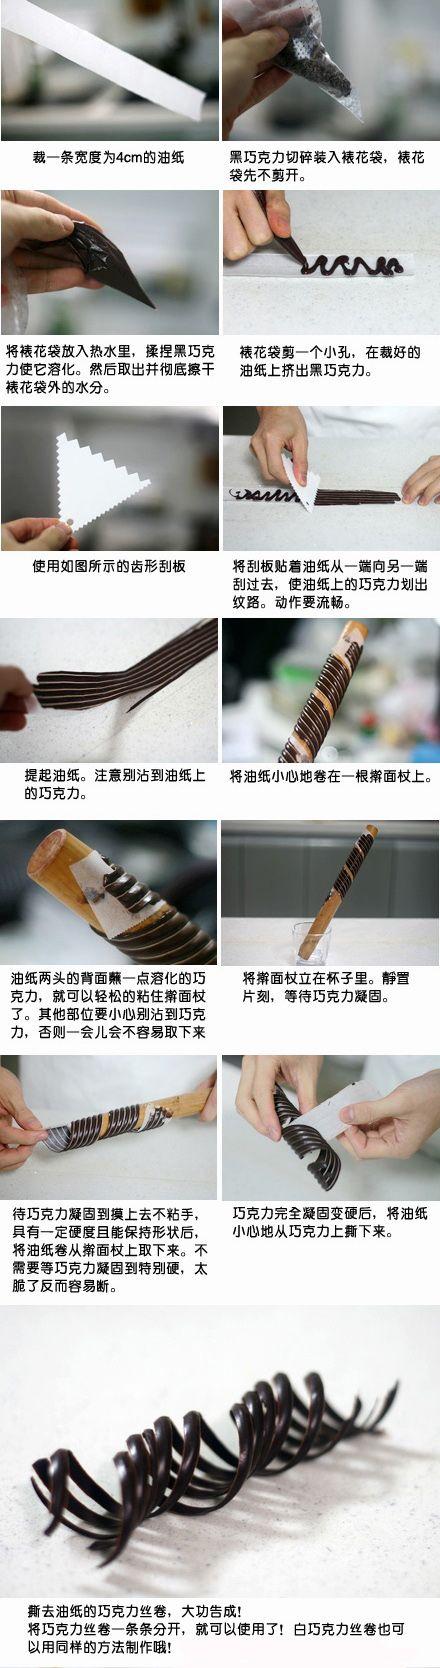 烘焙小贴士---巧克力装饰丝卷的家庭简易做法